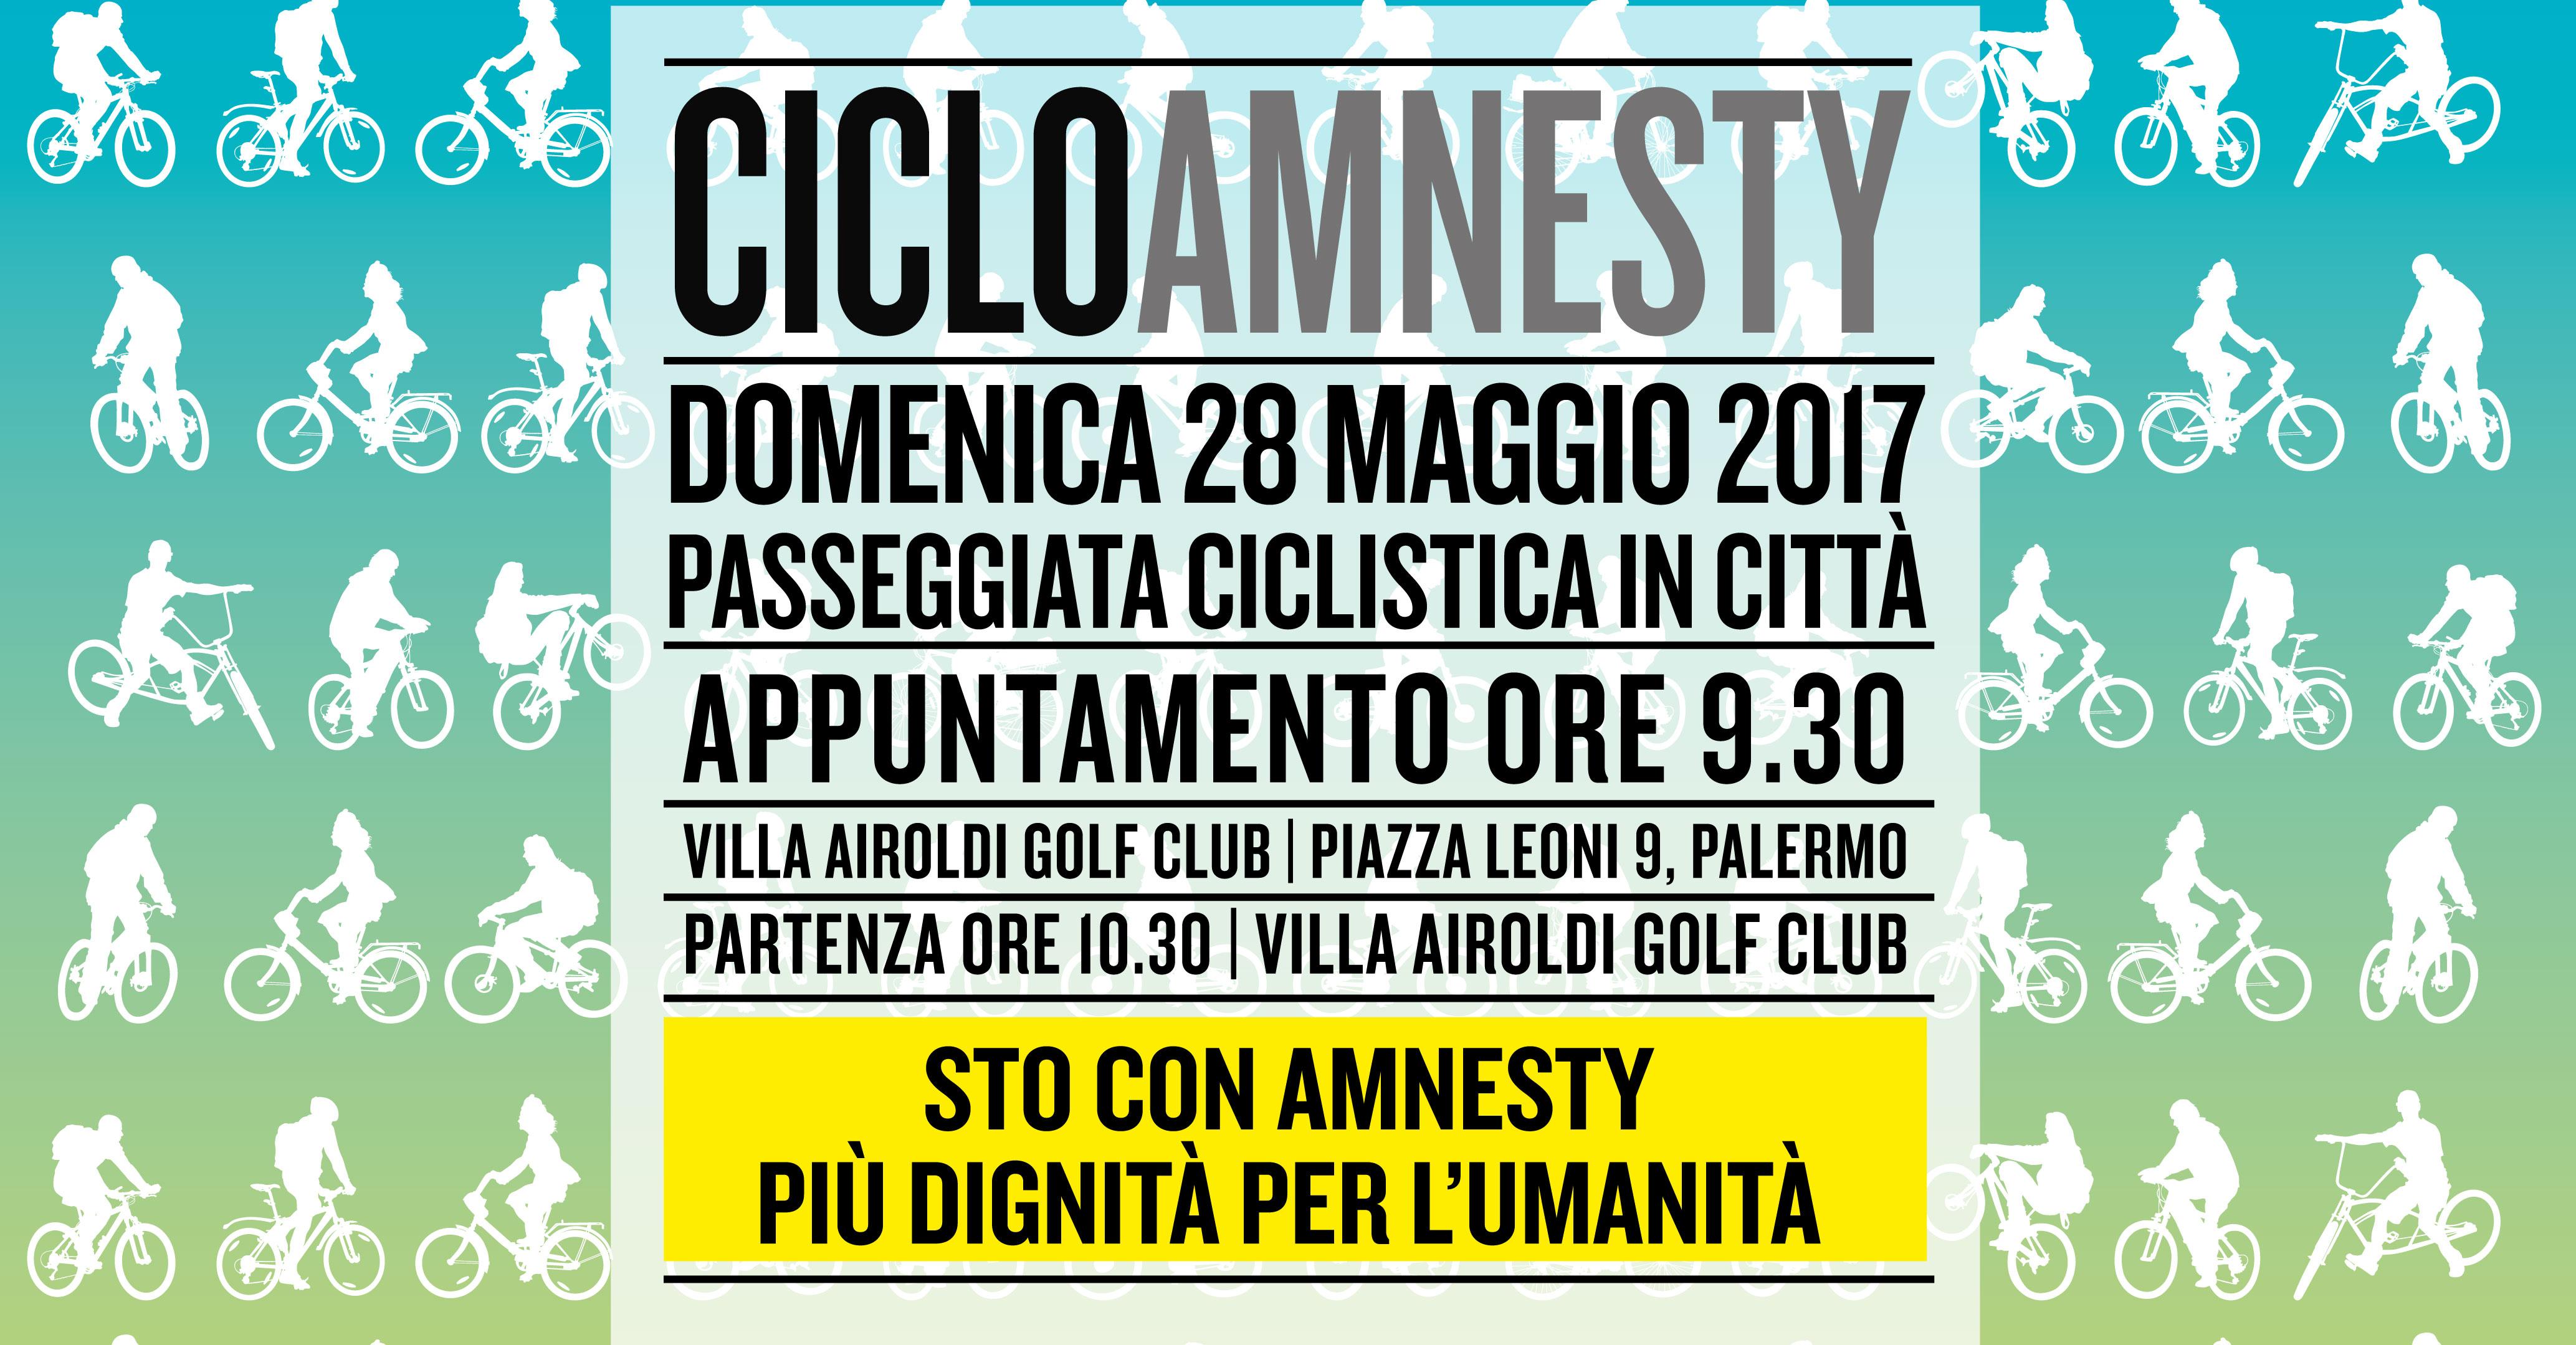 CICLOAMNESTY 2017 – 28 Maggio